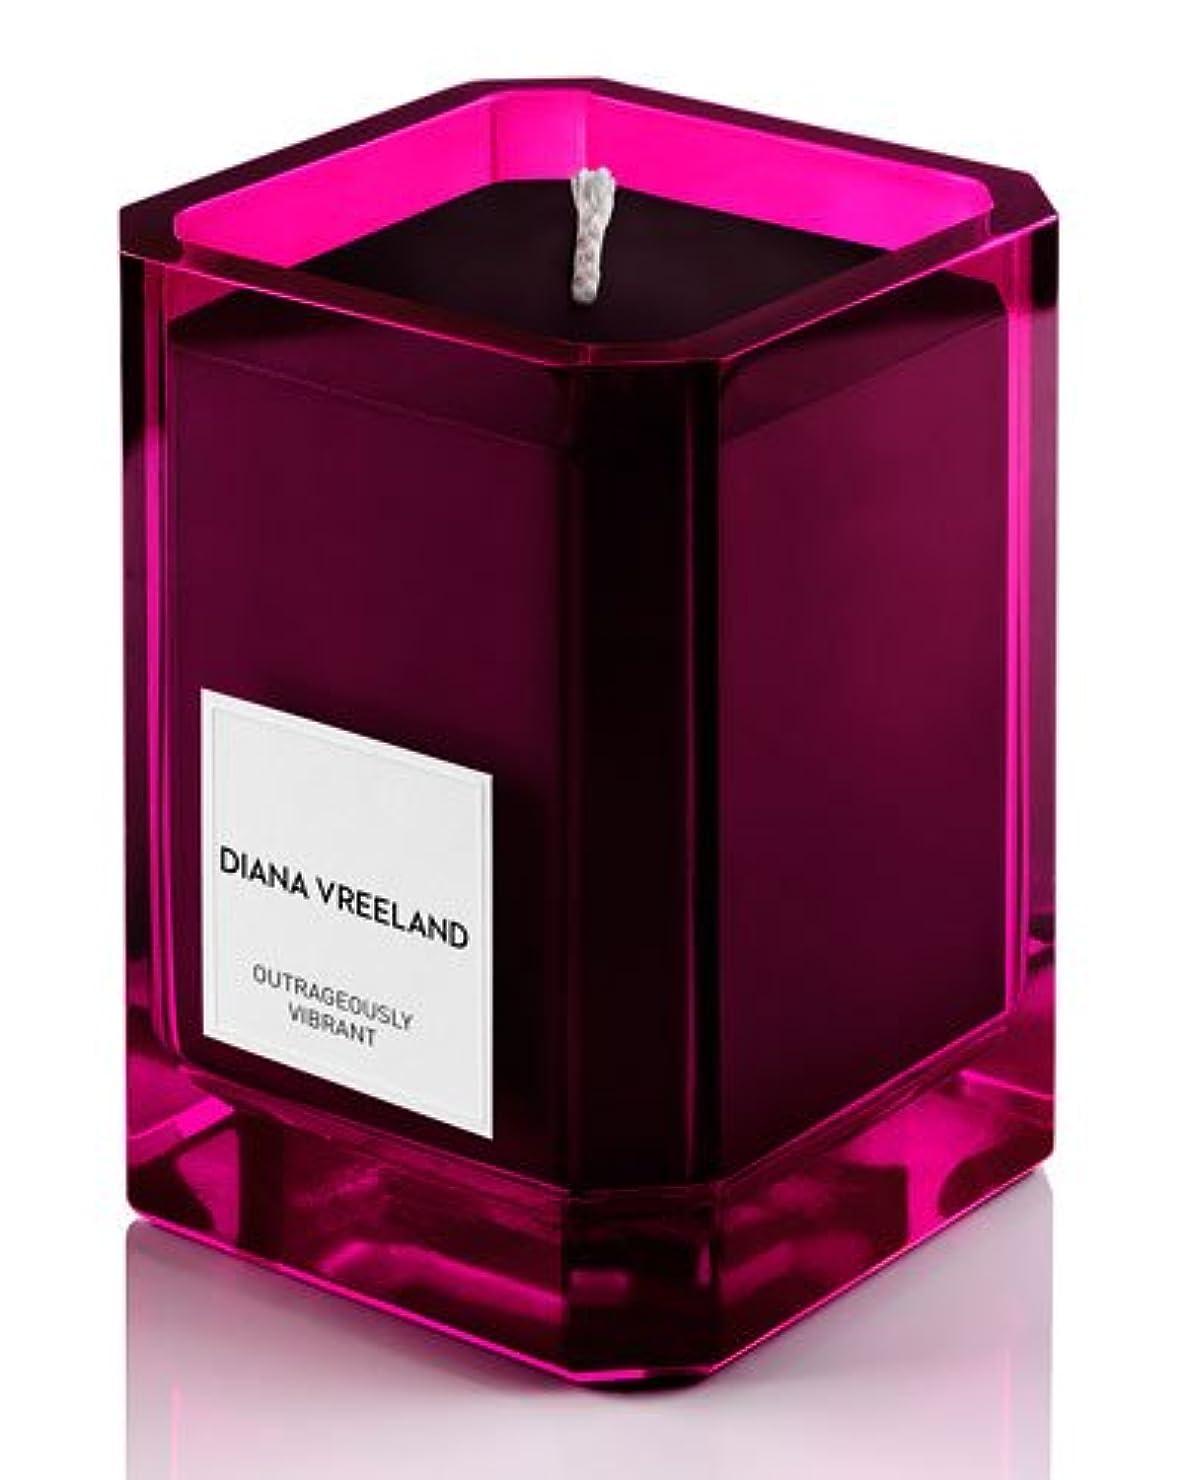 カバレッジ八百屋さんアカウントDiana Vreeland Outrageously Vibrant(ダイアナ ヴリーランド アウトレイジャスリー ヴィブラント)9.7 oz (291ml) Candle(香り付きキャンドル)